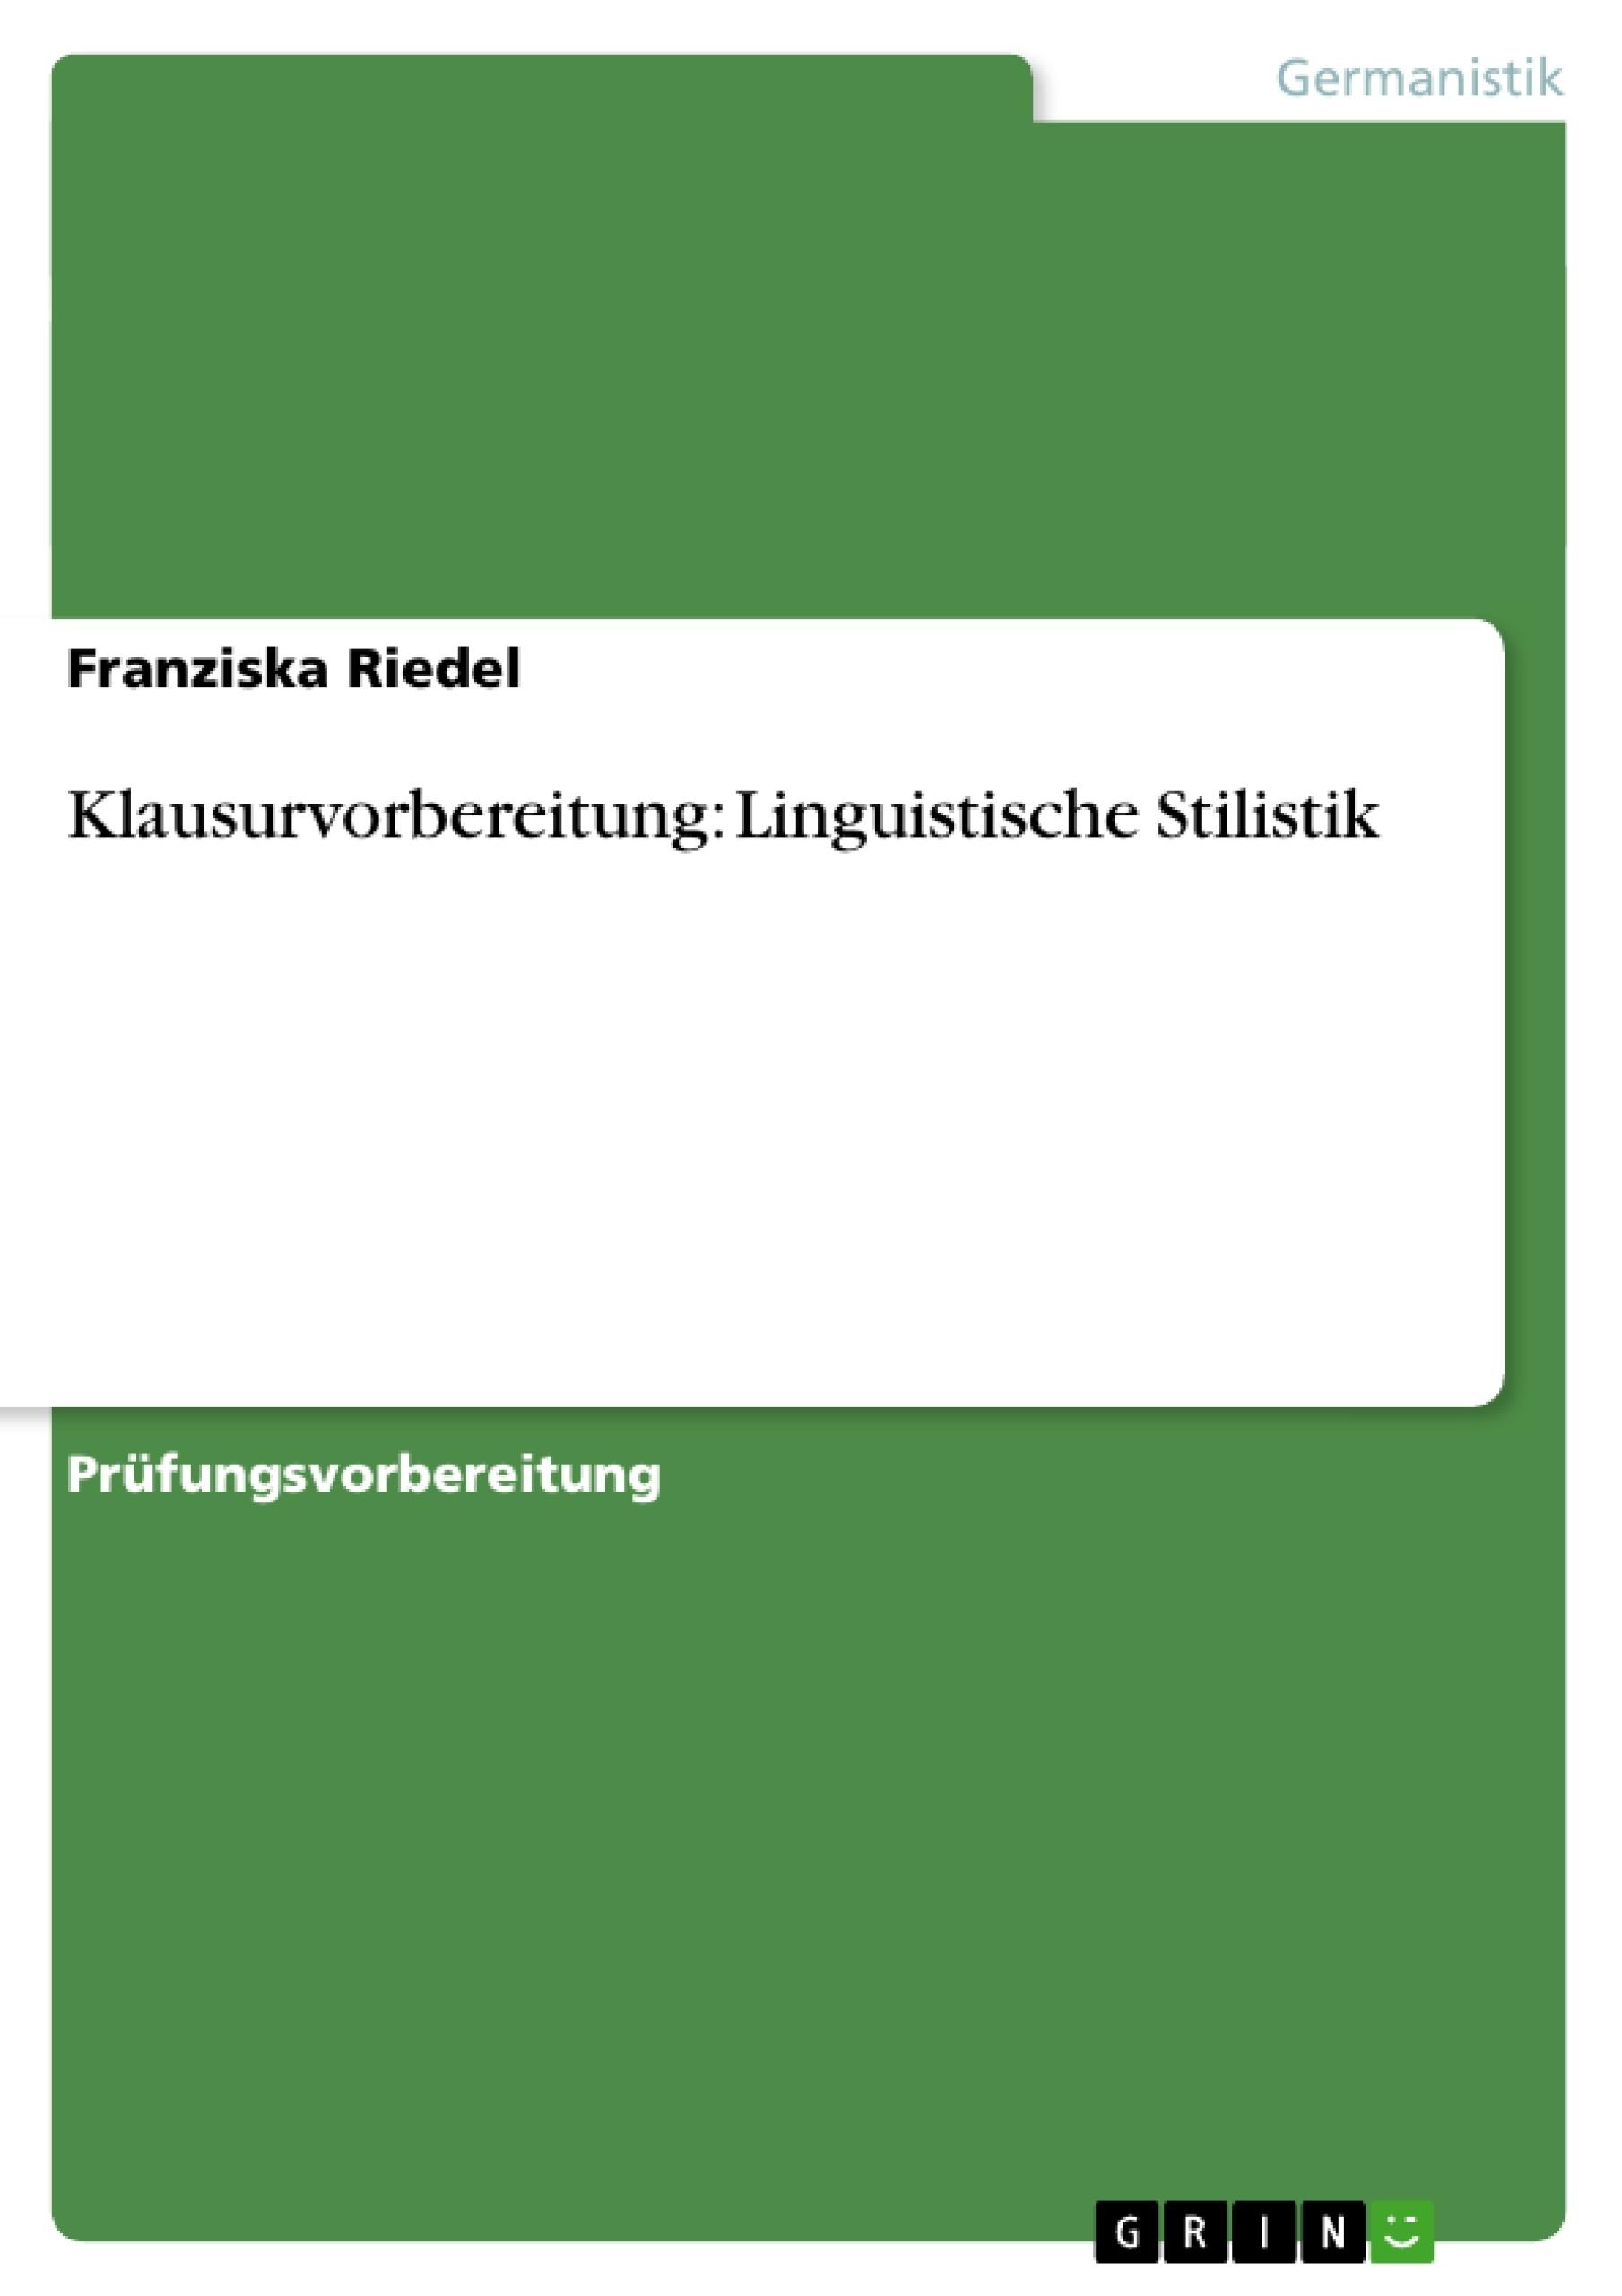 Titel: Klausurvorbereitung: Linguistische Stilistik